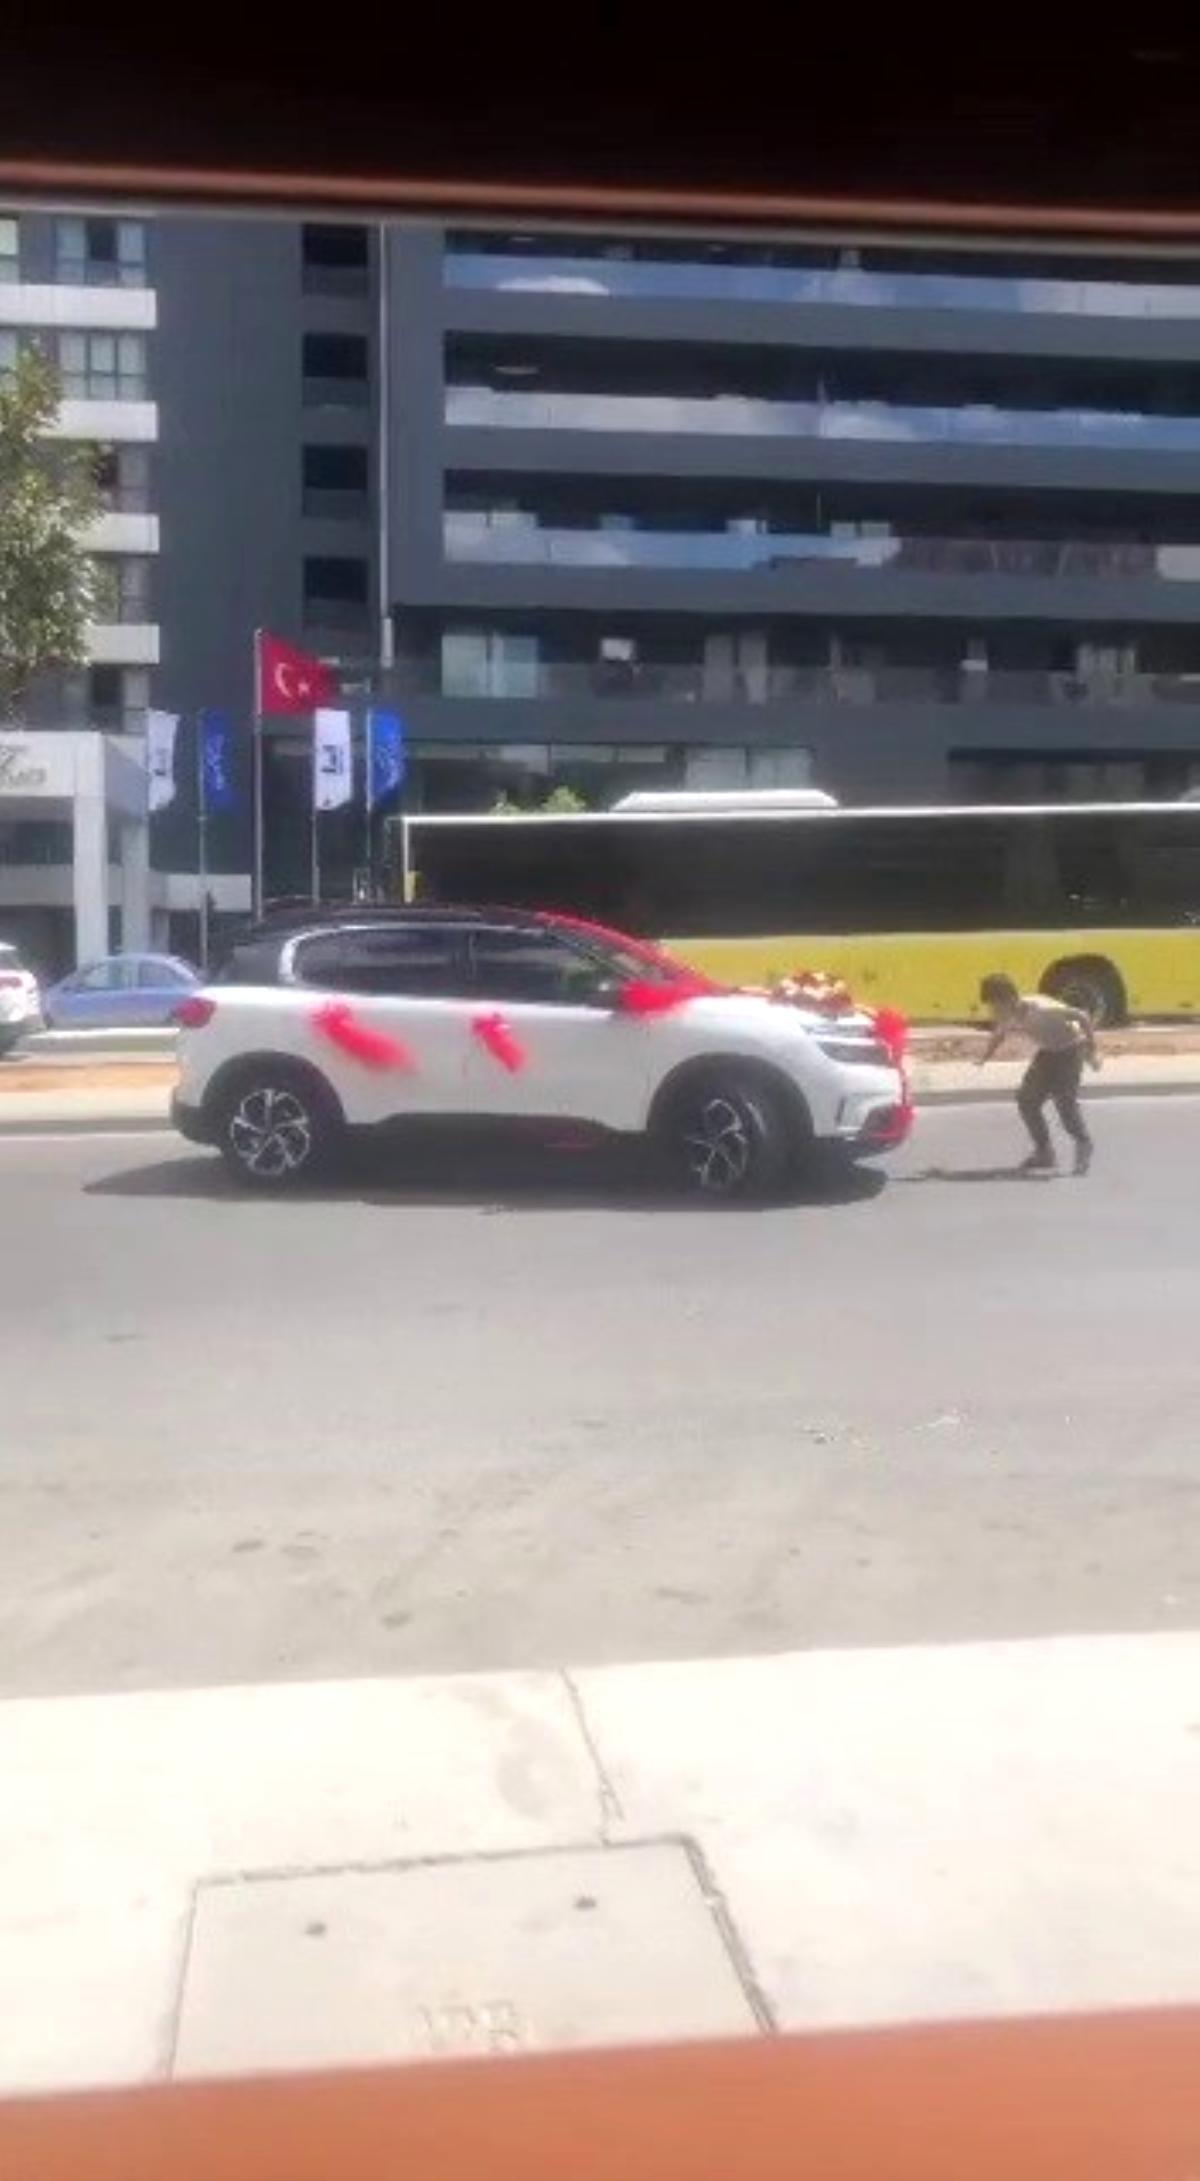 Ümraniye de gelin arabasının önüne atlayan çocuklar trafiği birbirine kattı